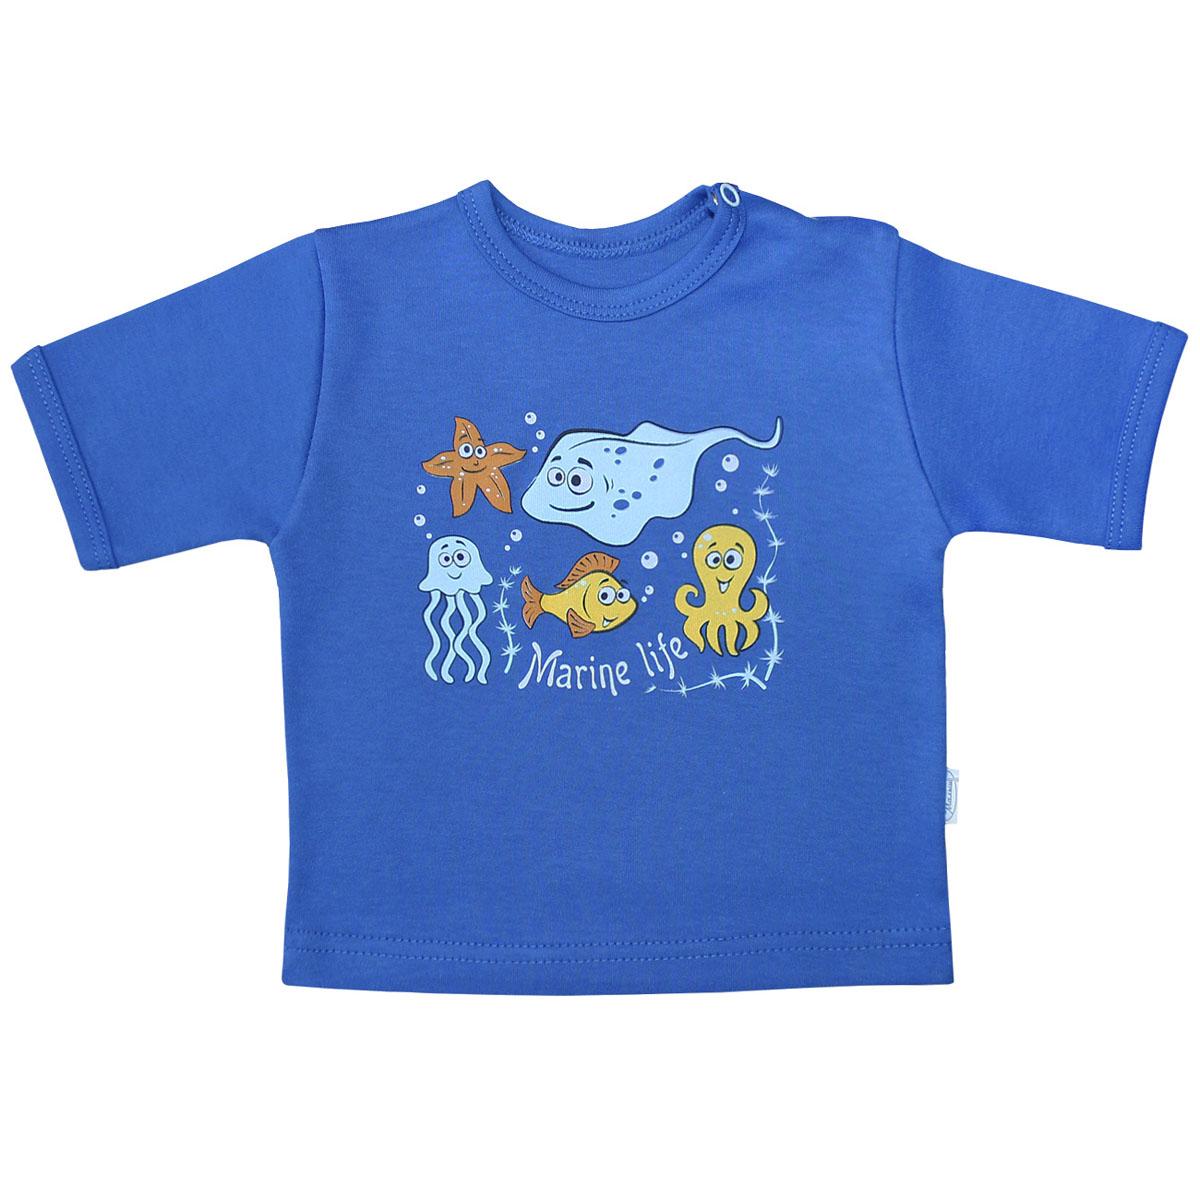 Футболка для мальчика Веселый малыш Морская жизнь, цвет: синий. 67322/мж-C (1). Размер 6867322Футболка для мальчика Веселый малыш Морская жизнь выполнена из качественного материала. Модель с круглым вырезом горловины и короткими рукавами.